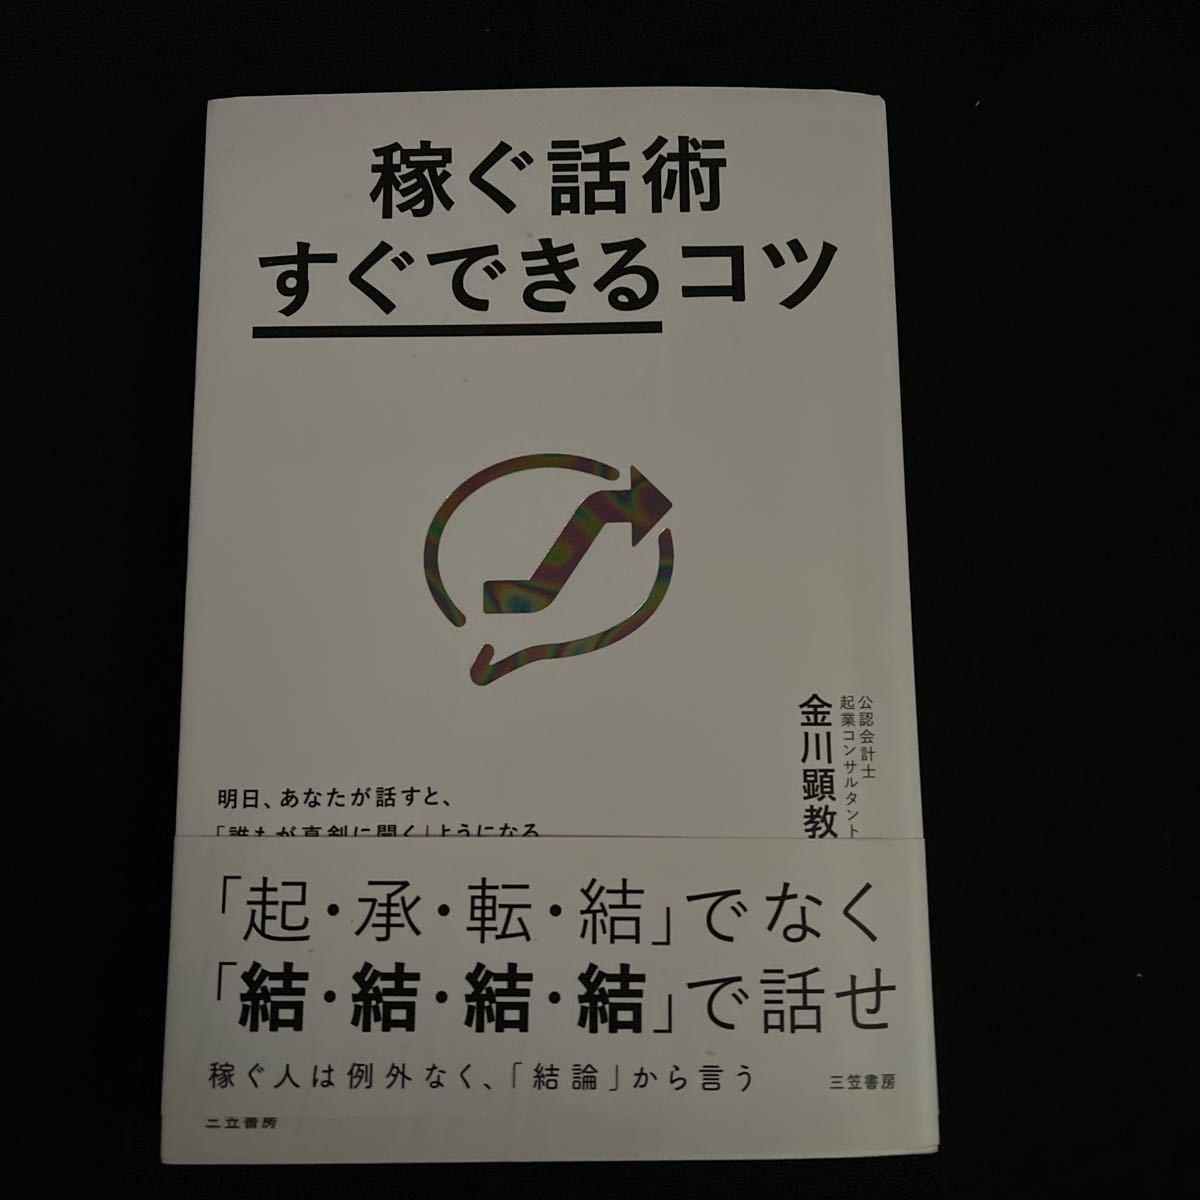 稼ぐ話術 「すぐできる」 コツ/金川顕教